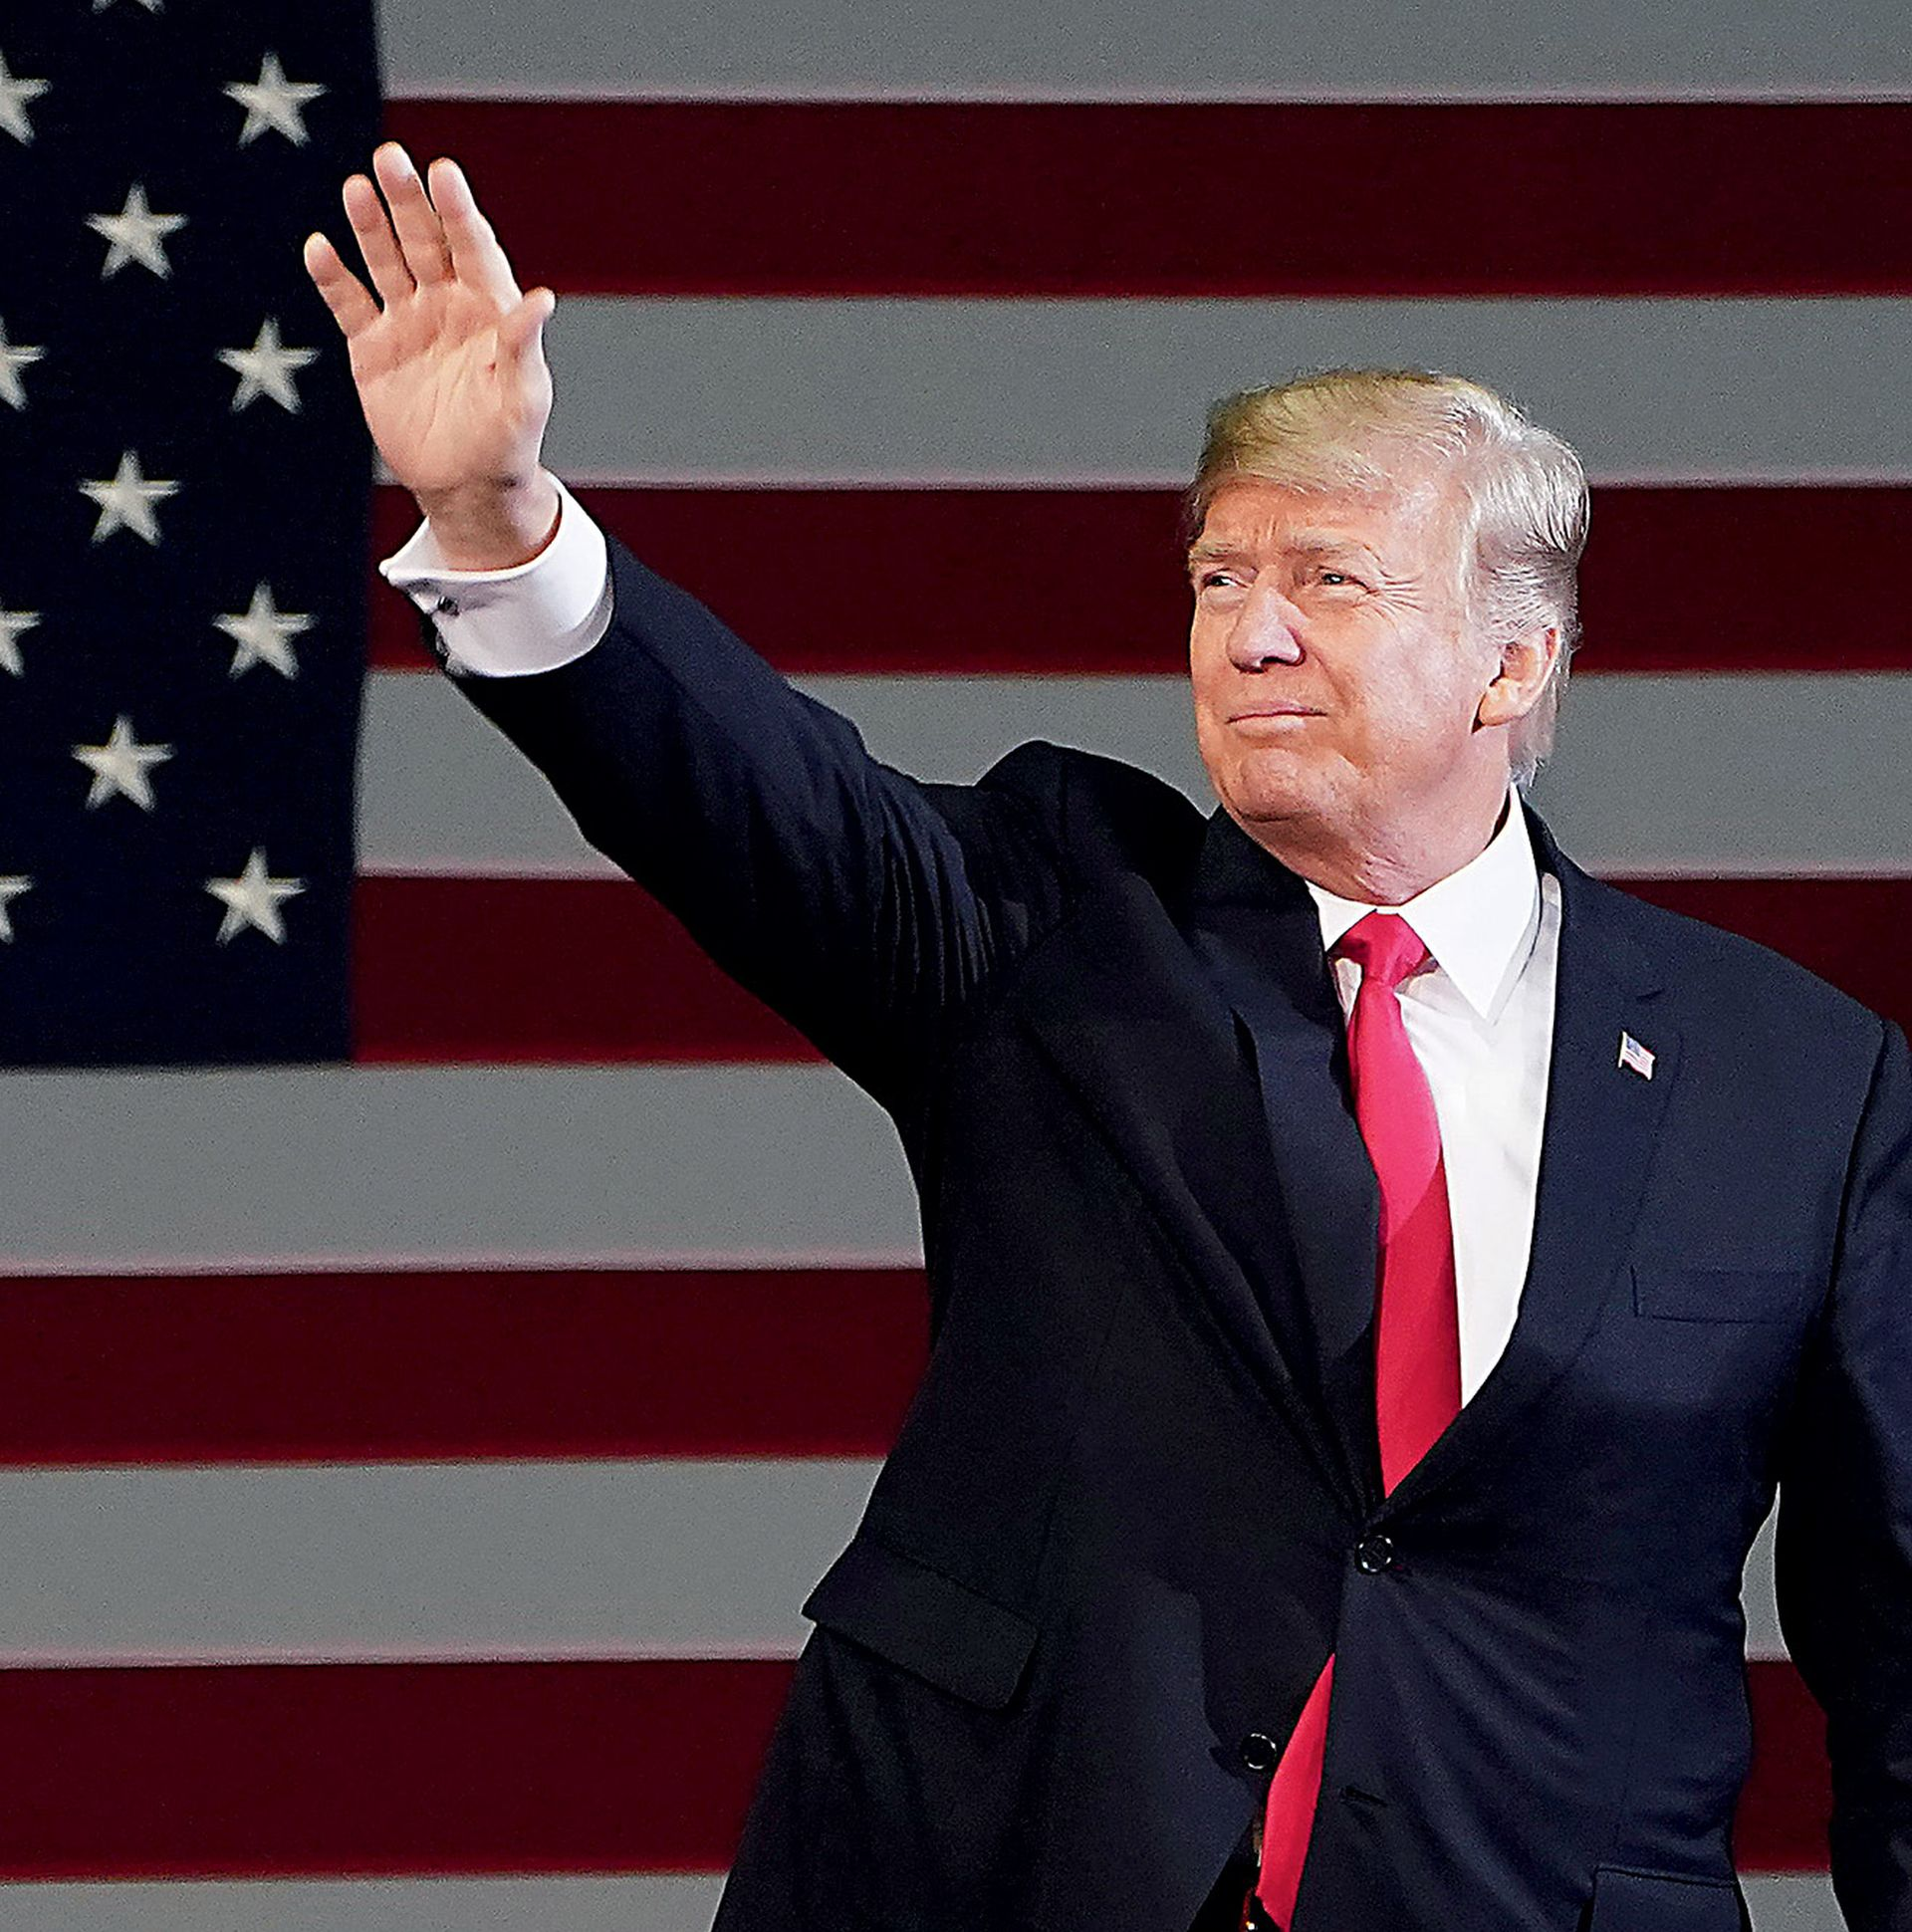 FELJTON Kako Donald Trump vodi Ameriku prema fašizmu